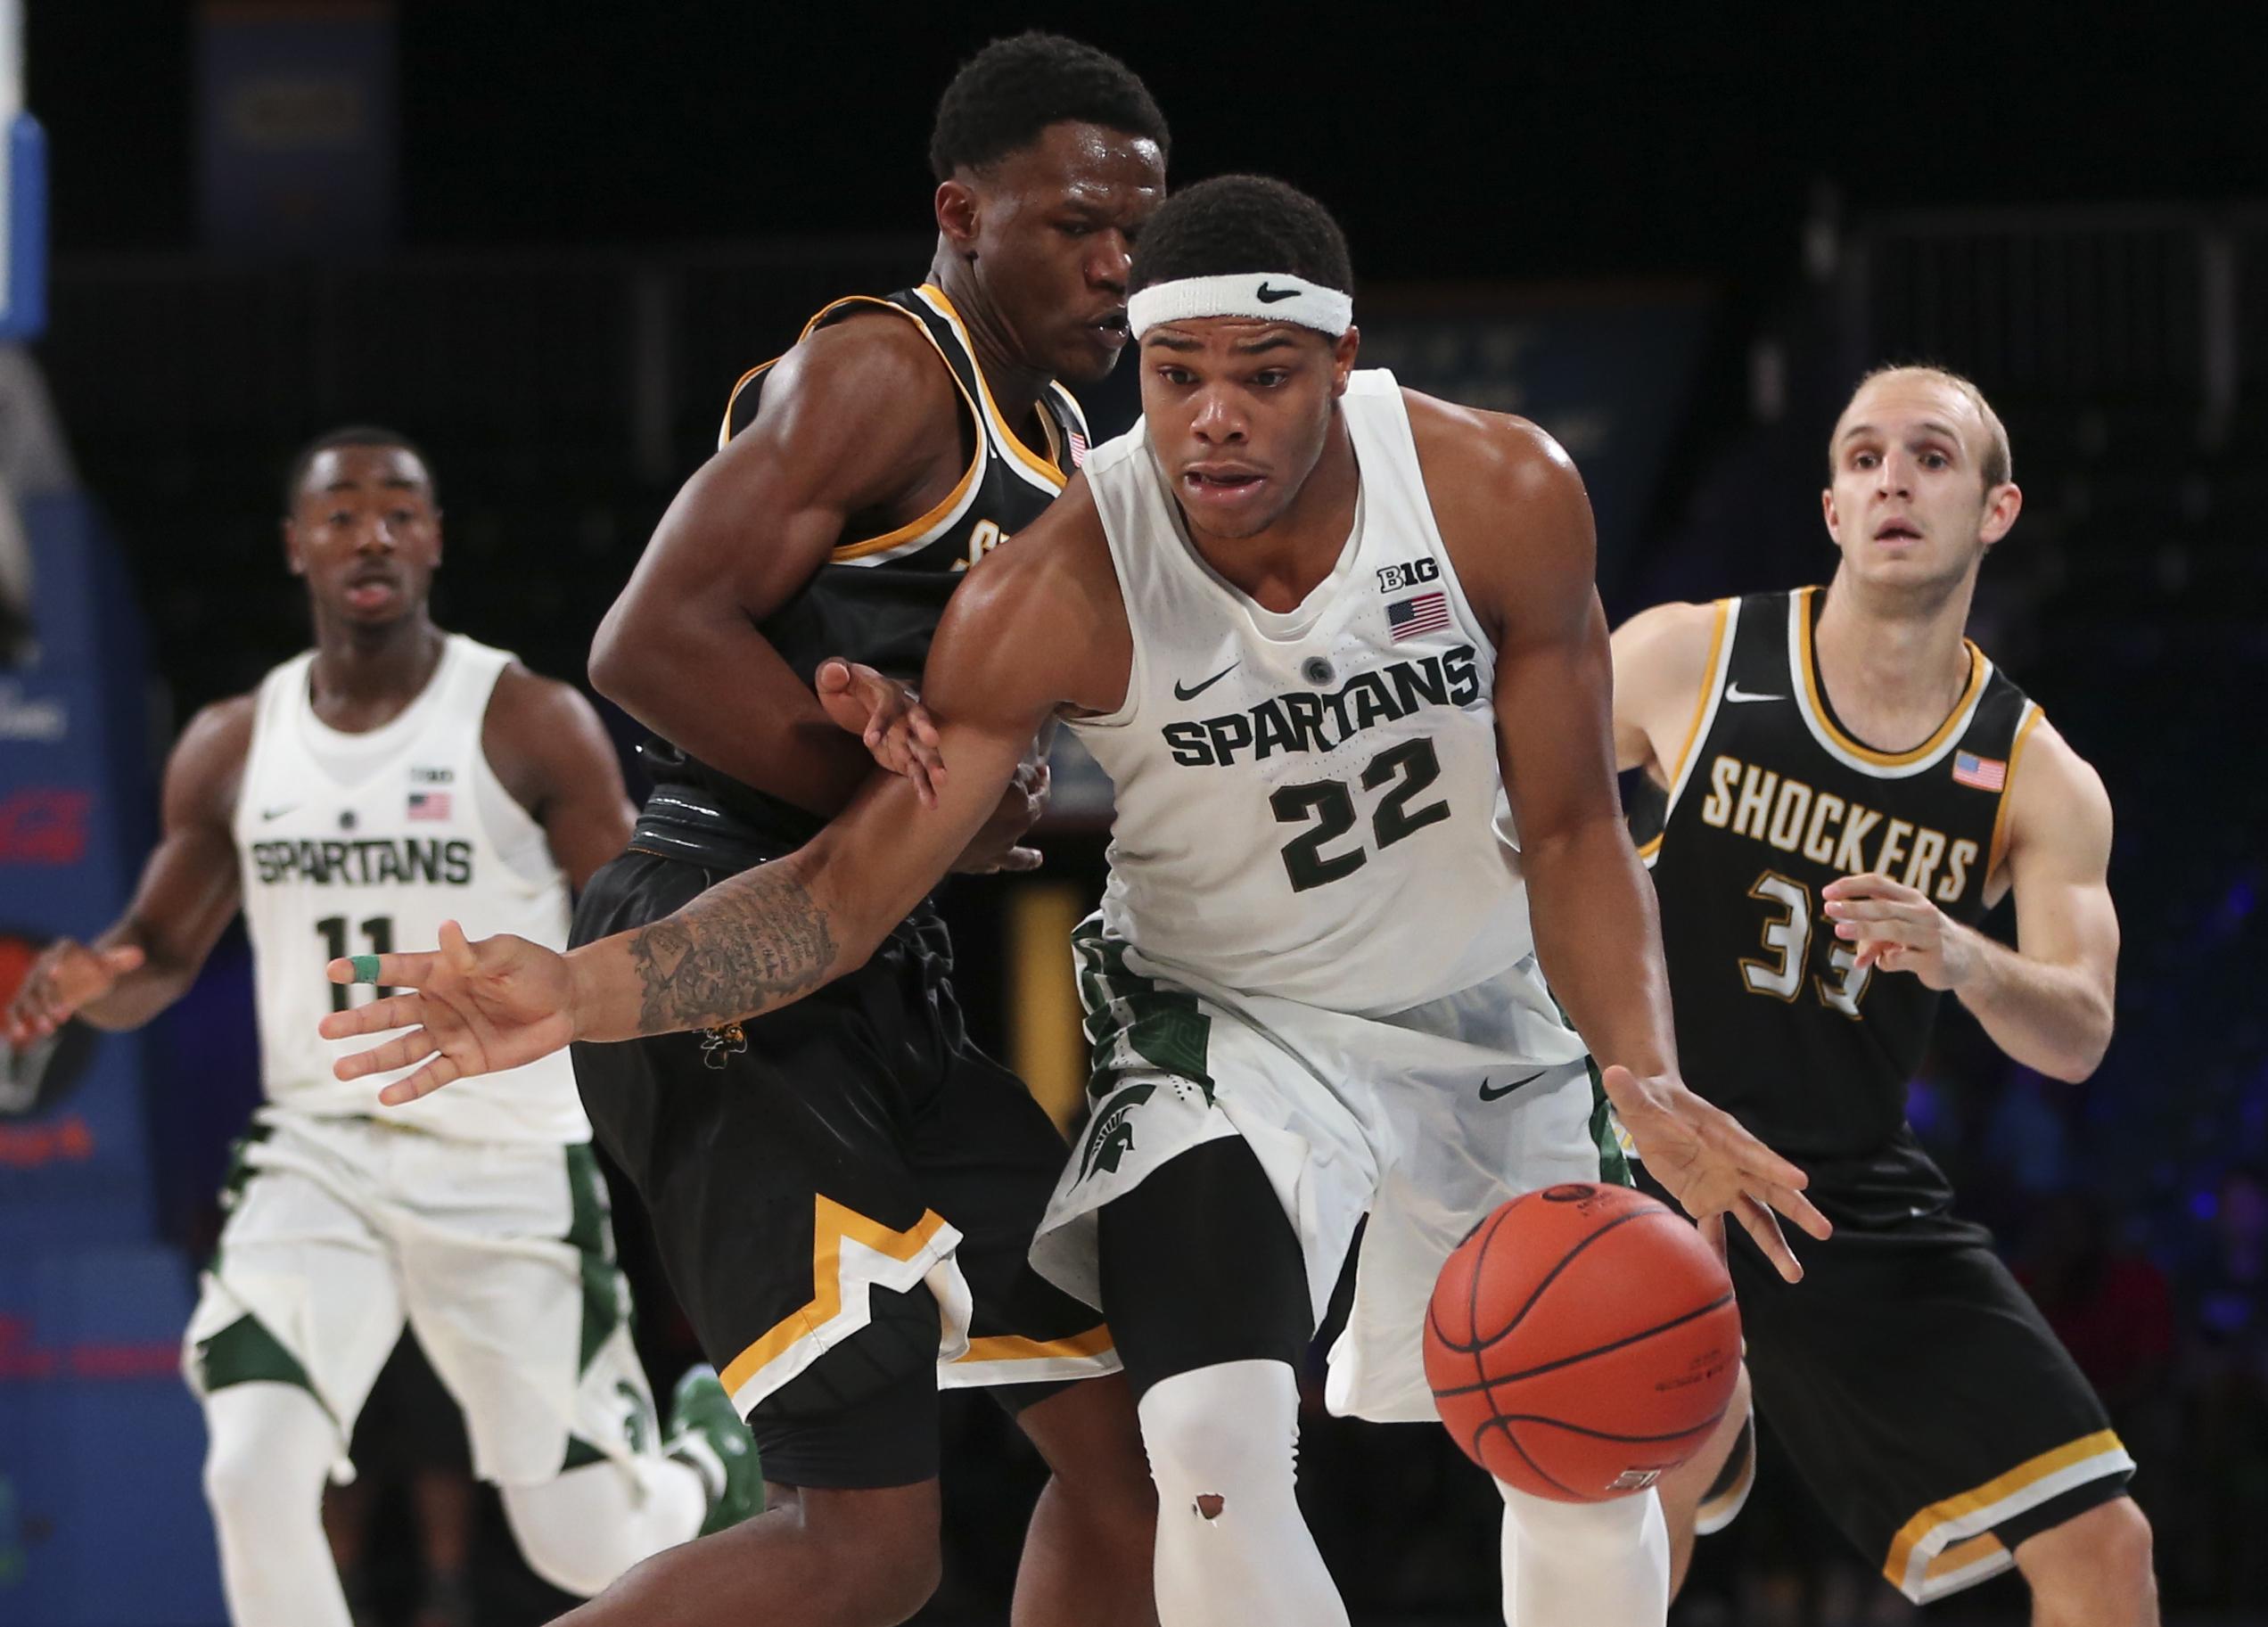 NCAA Basketball: Battle 4 Atlantis-Wichita State vs Michigan State